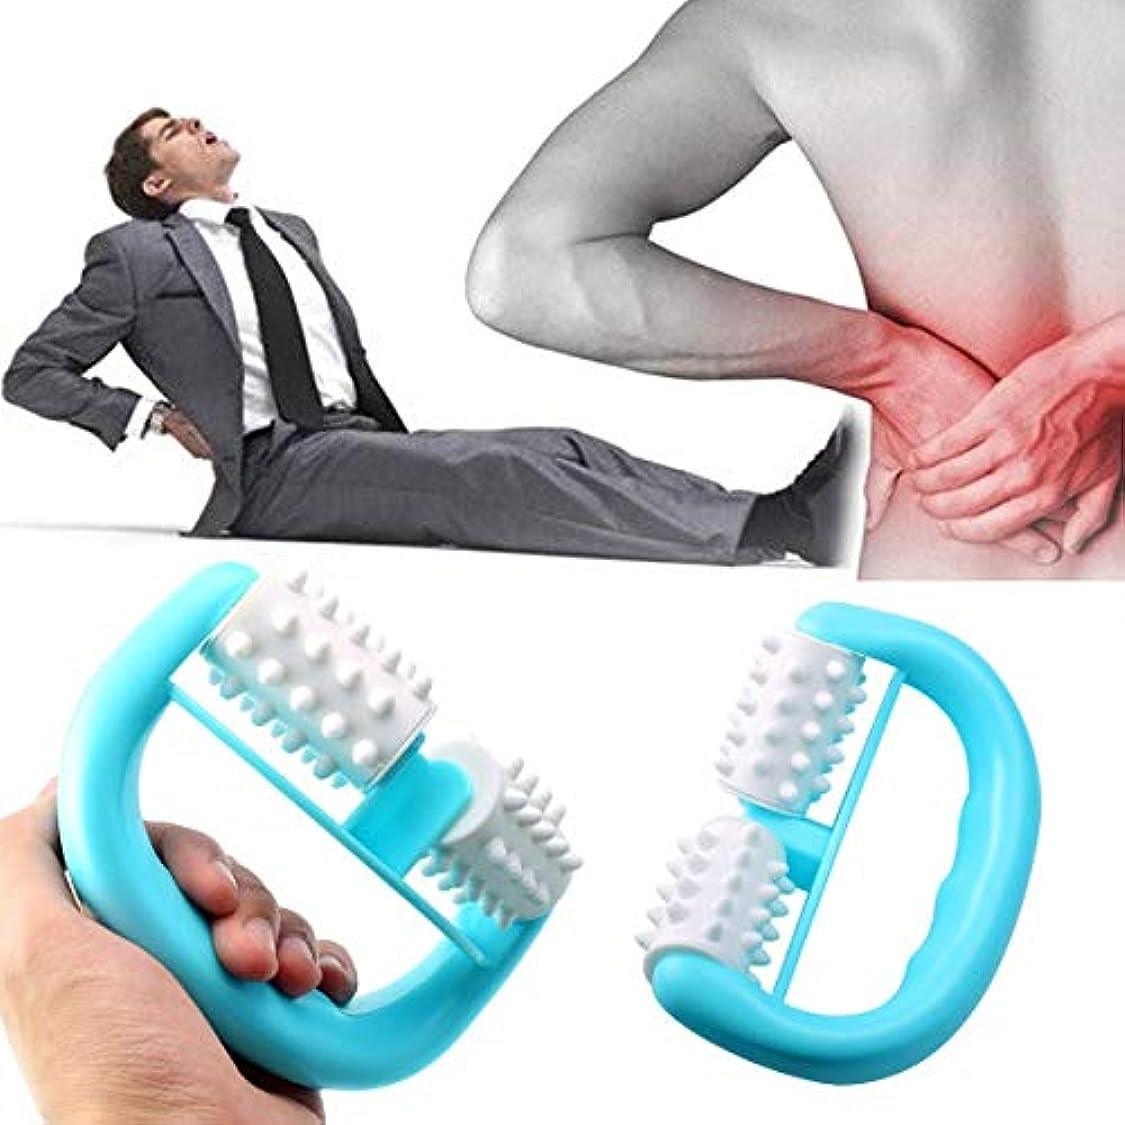 継承歯科医引き付けるHandheld Full Body Anti Cellulite Massage Cell Roller Massager Mini Wheel Ball Foot Hand Body Neck Head Leg Pain...